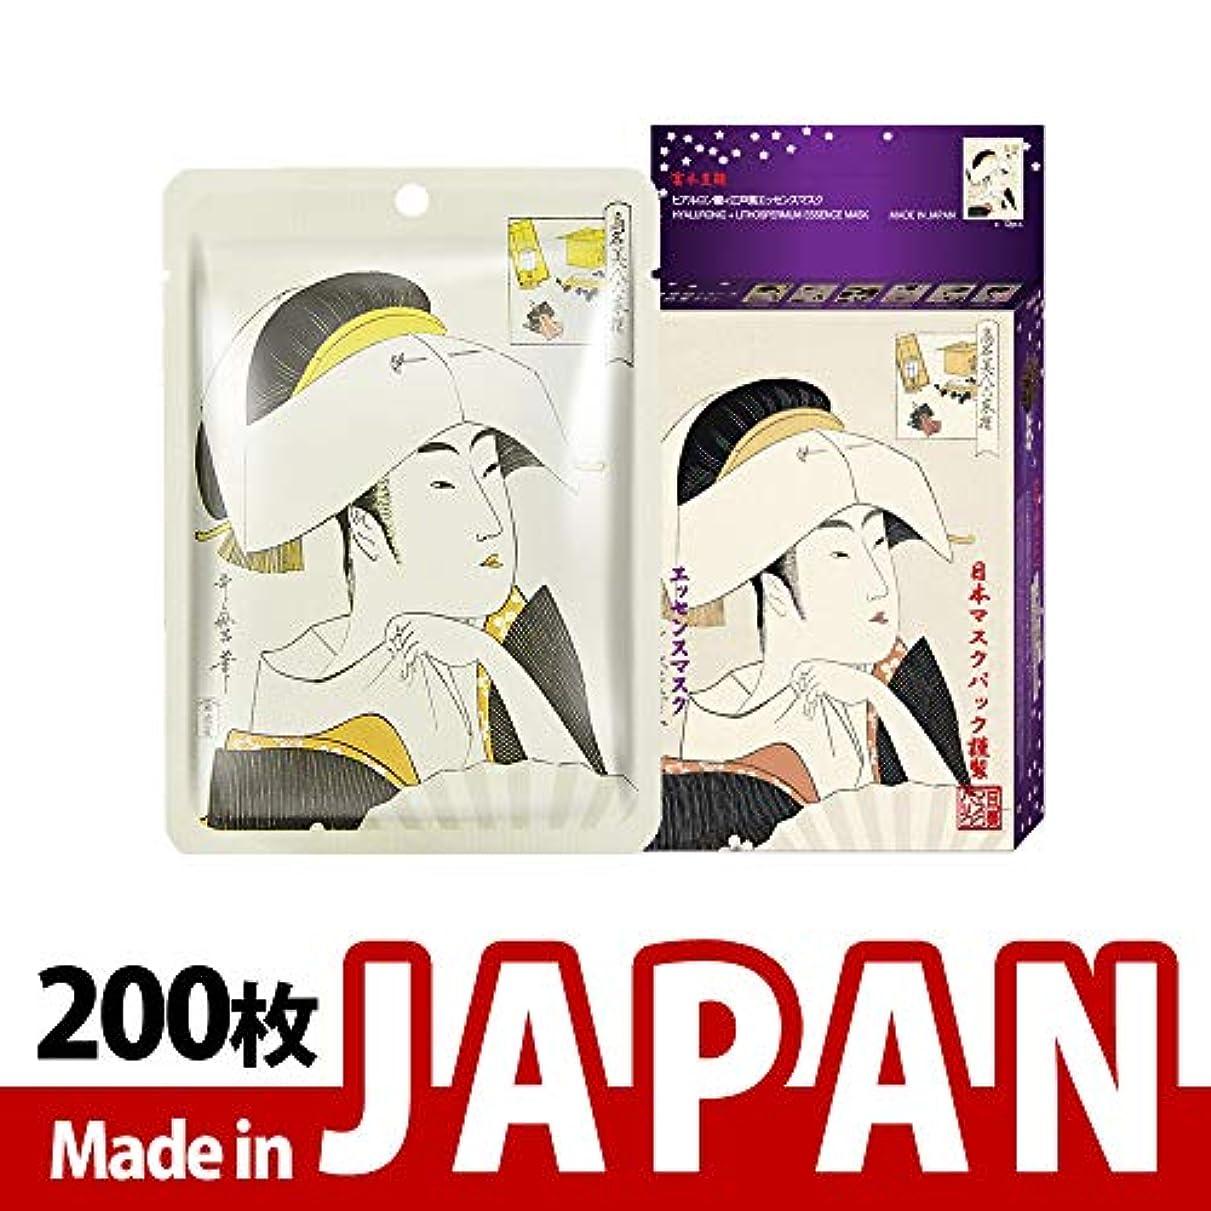 素朴な有名暴動MITOMO【JP002-A-4】日本製シートマスク/10枚入り/200枚/美容液/マスクパック/送料無料